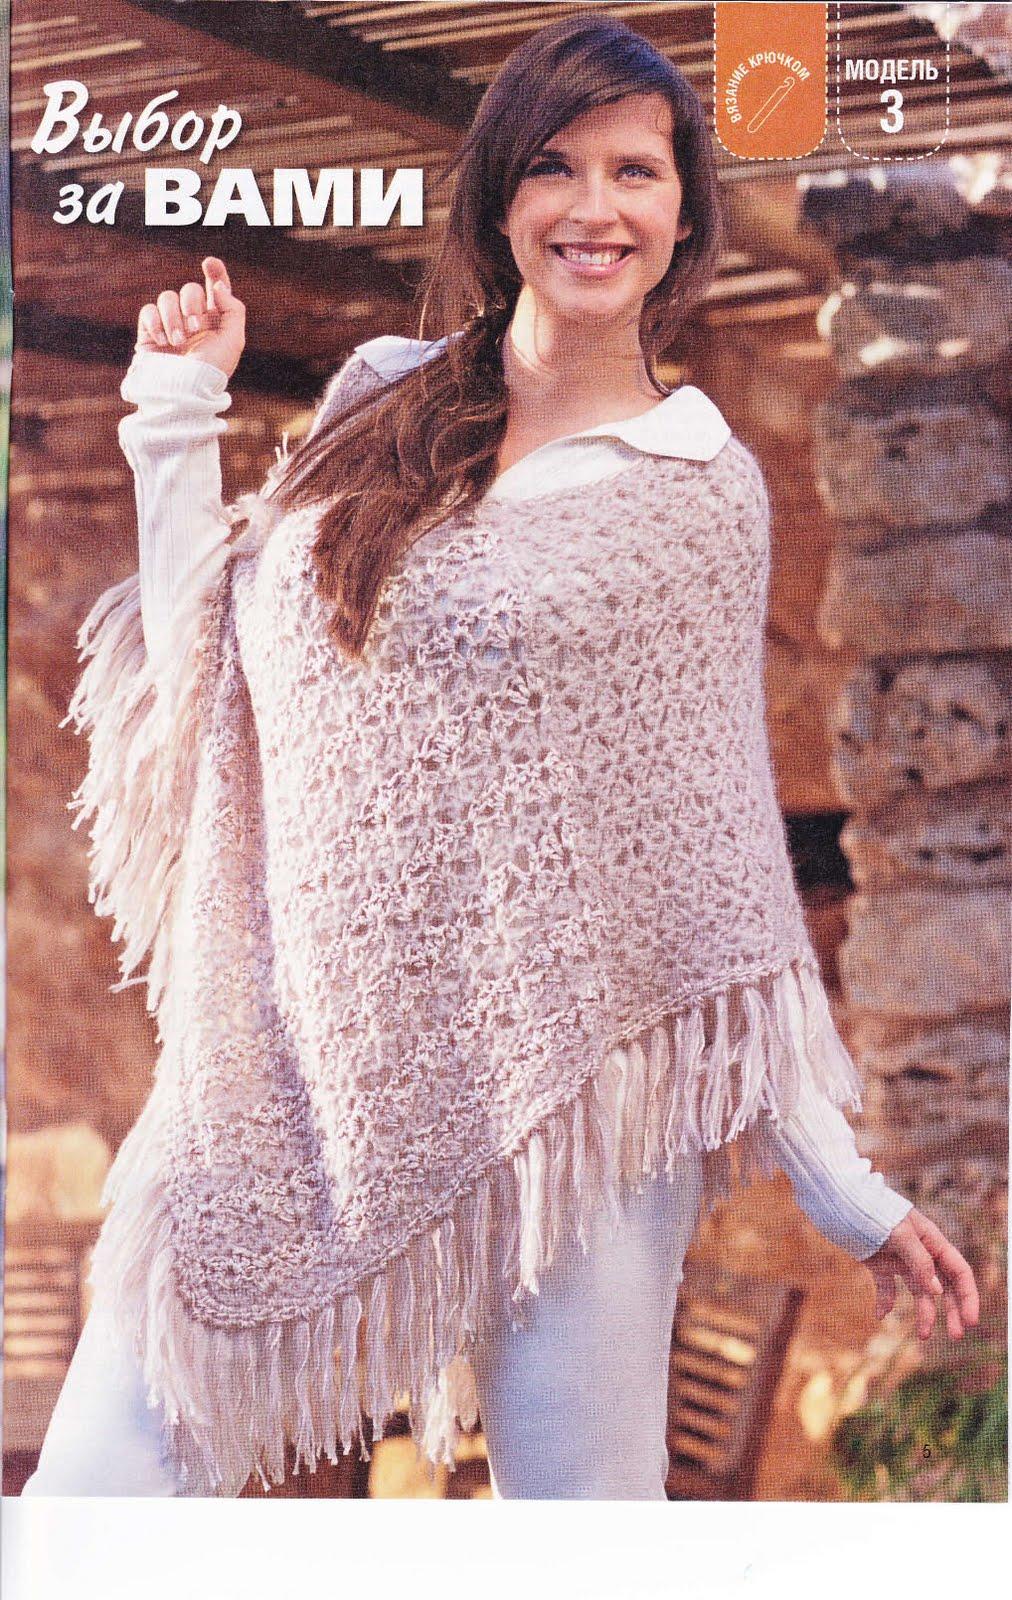 Модные журналы и идеи - здесь.  Журнал по вязанию на спицах и крючком - пончо, кардиганы, свитера, блузоны...